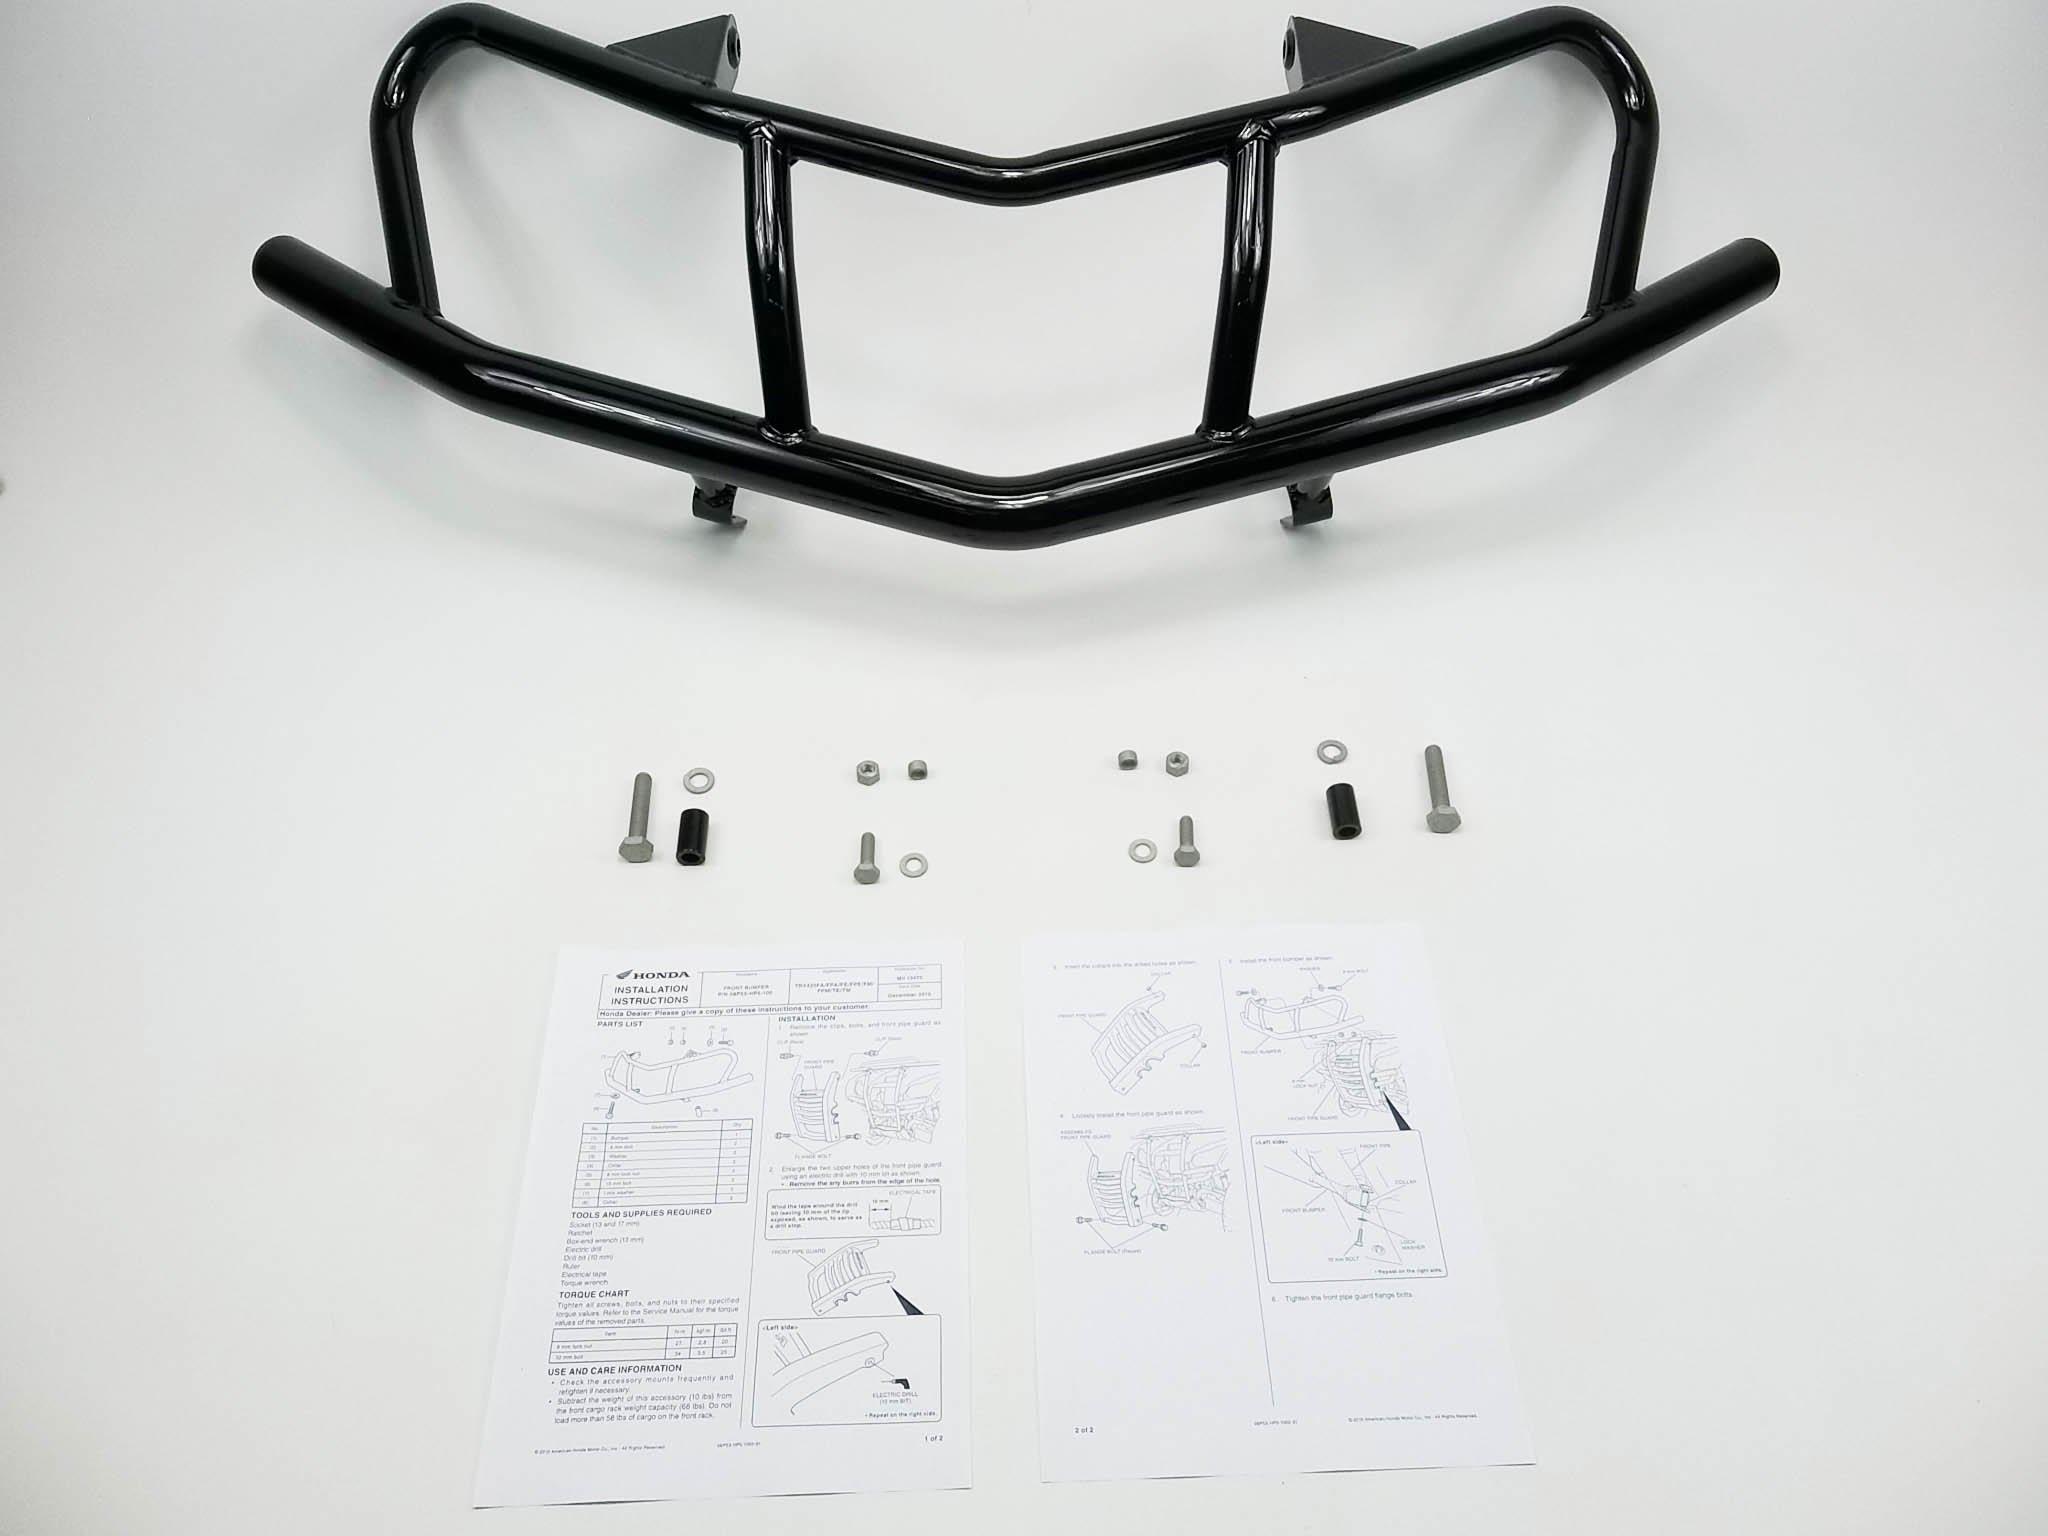 Honda 08P53-HP5-100 Front Brush Guard